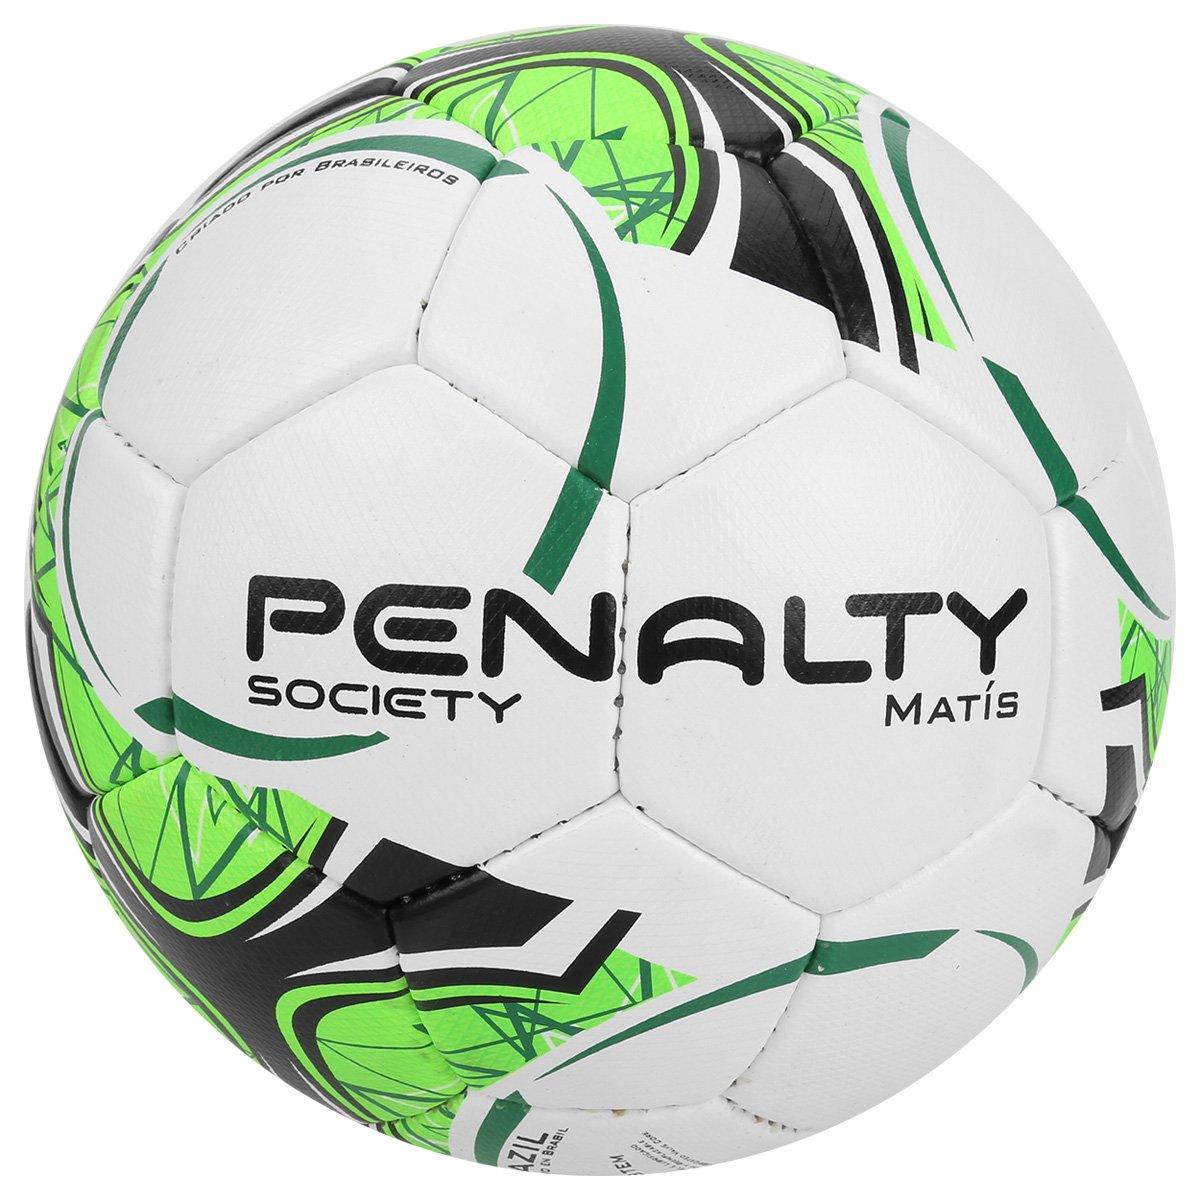 bca3069eb00dd Bola Futebol Society Penalty Matis Com Costura à Mão 7 - Compre Agora